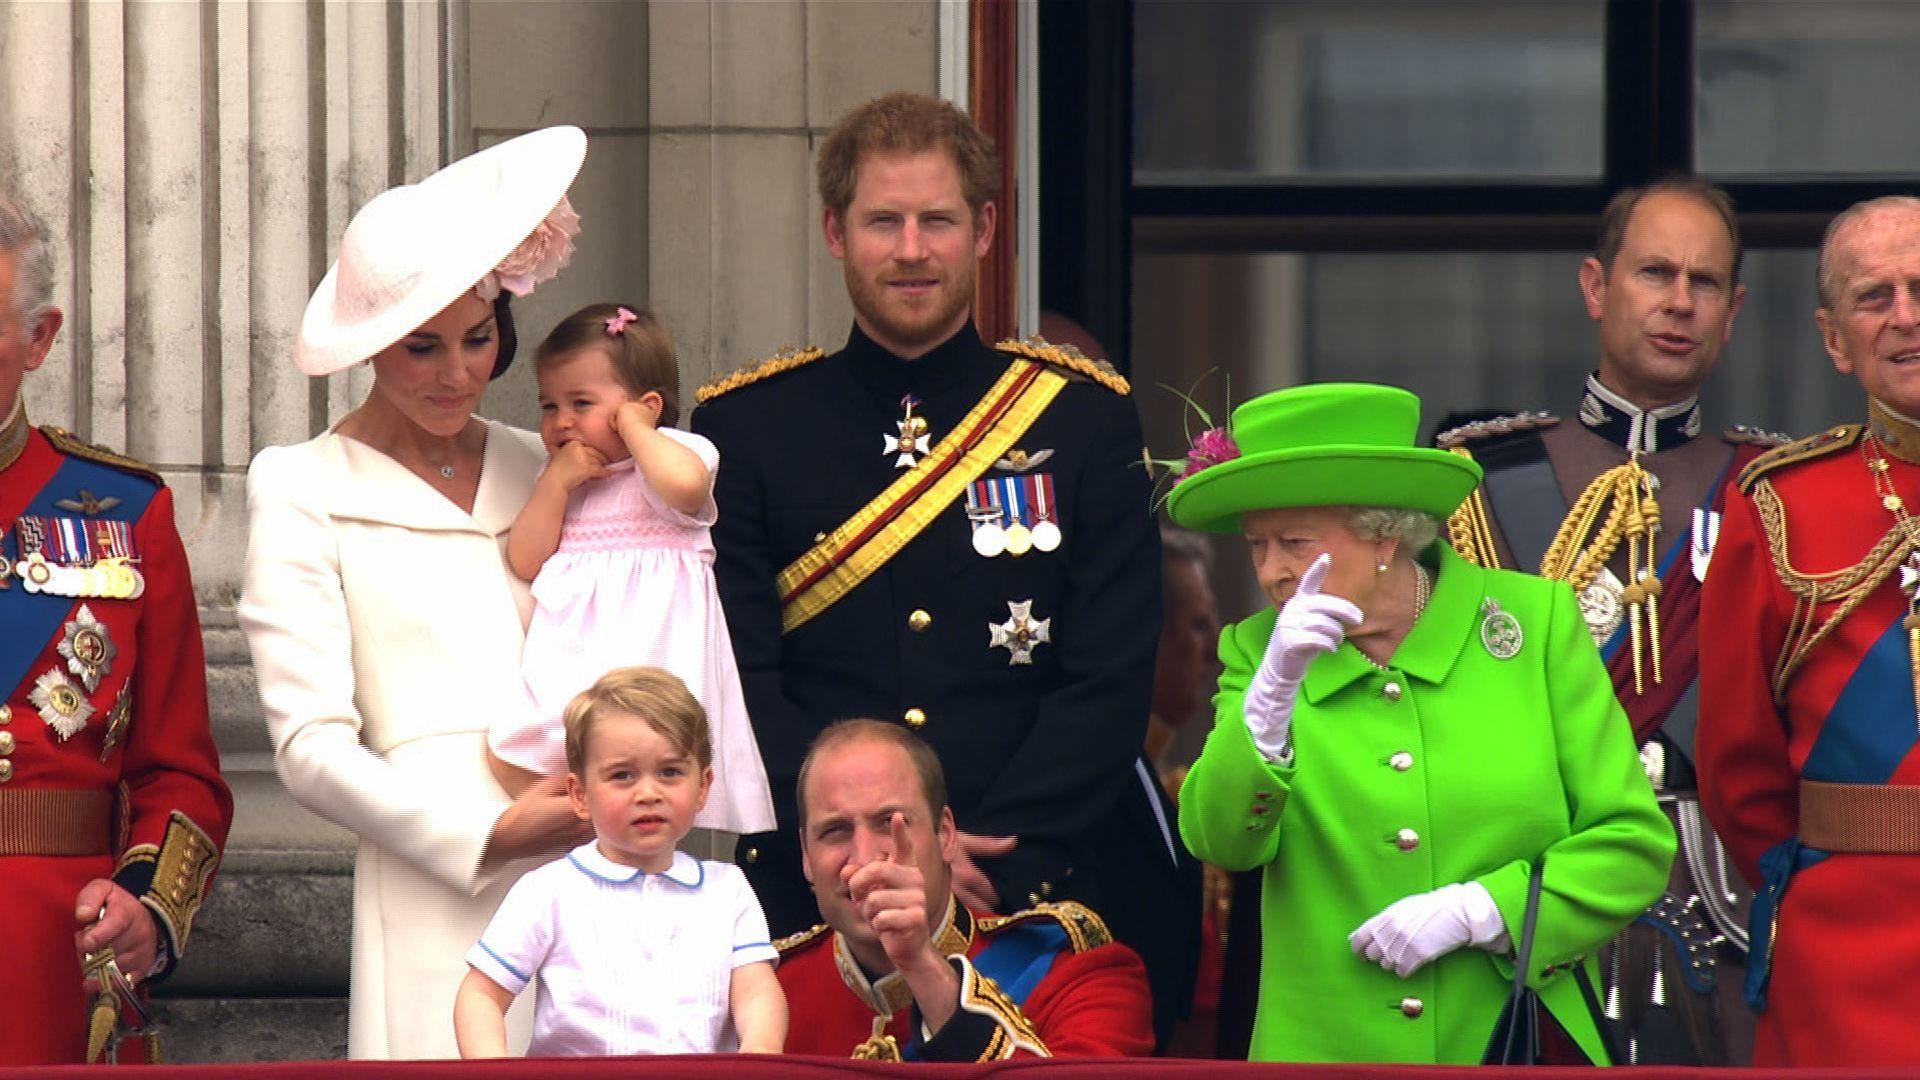 Escrachan a la reina de Inglaterra cuando reta a su nieto William en un acto público